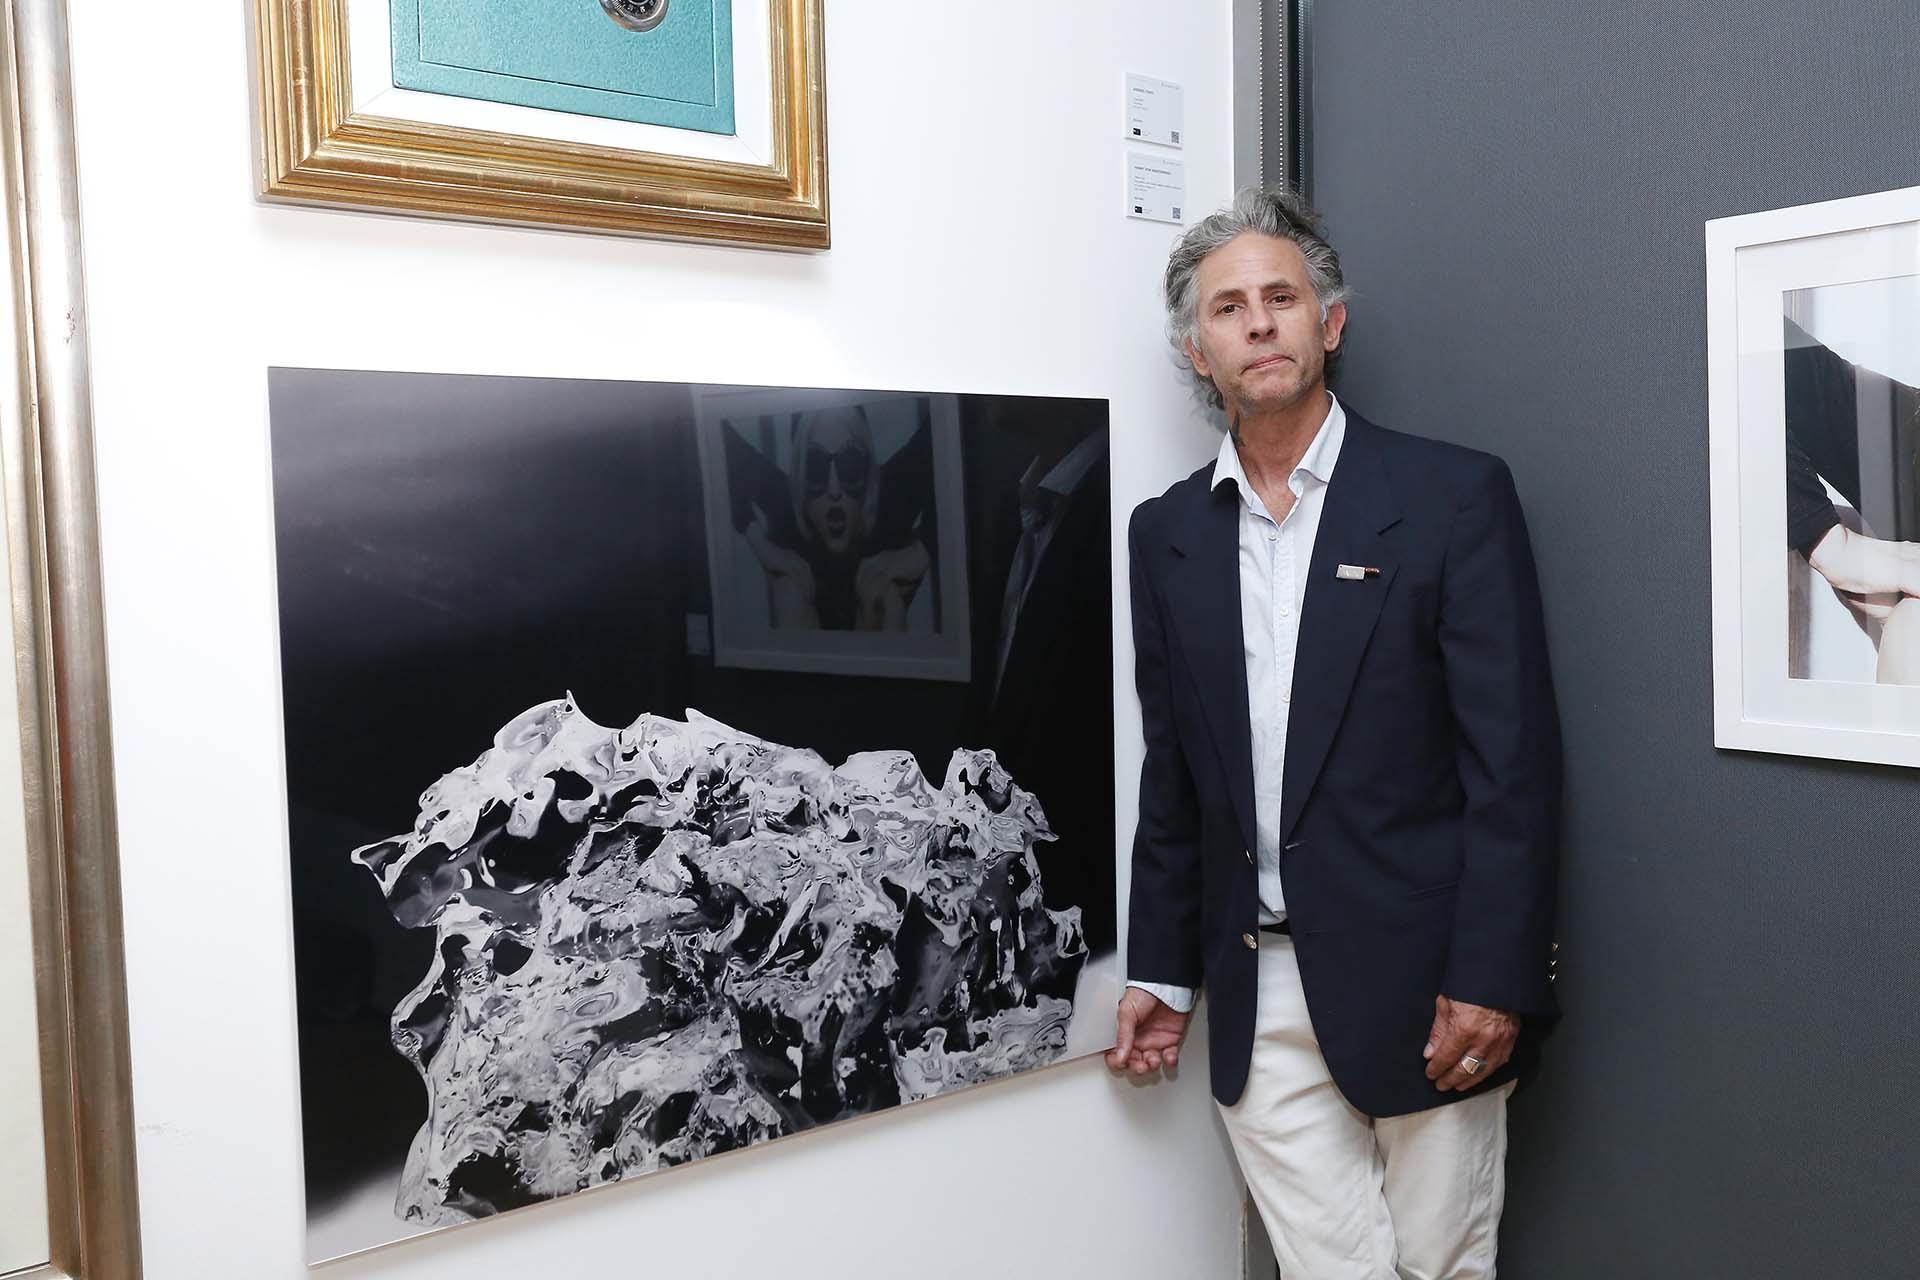 """El fotógrafo Henry Von Wartenberg delante de su obra """"Black Rock"""". """"Nuestra plataforma otorga a los artistas locales una visibilidad sin precedentes y, al mismo tiempo, impulsa la creación de nuevos compradores y coleccionistas, promoviendo un círculo virtuoso que complementa y amplía el mercado de compra de arte actual"""", explicó Lucrecia Cornejo, directora y cofundadora"""